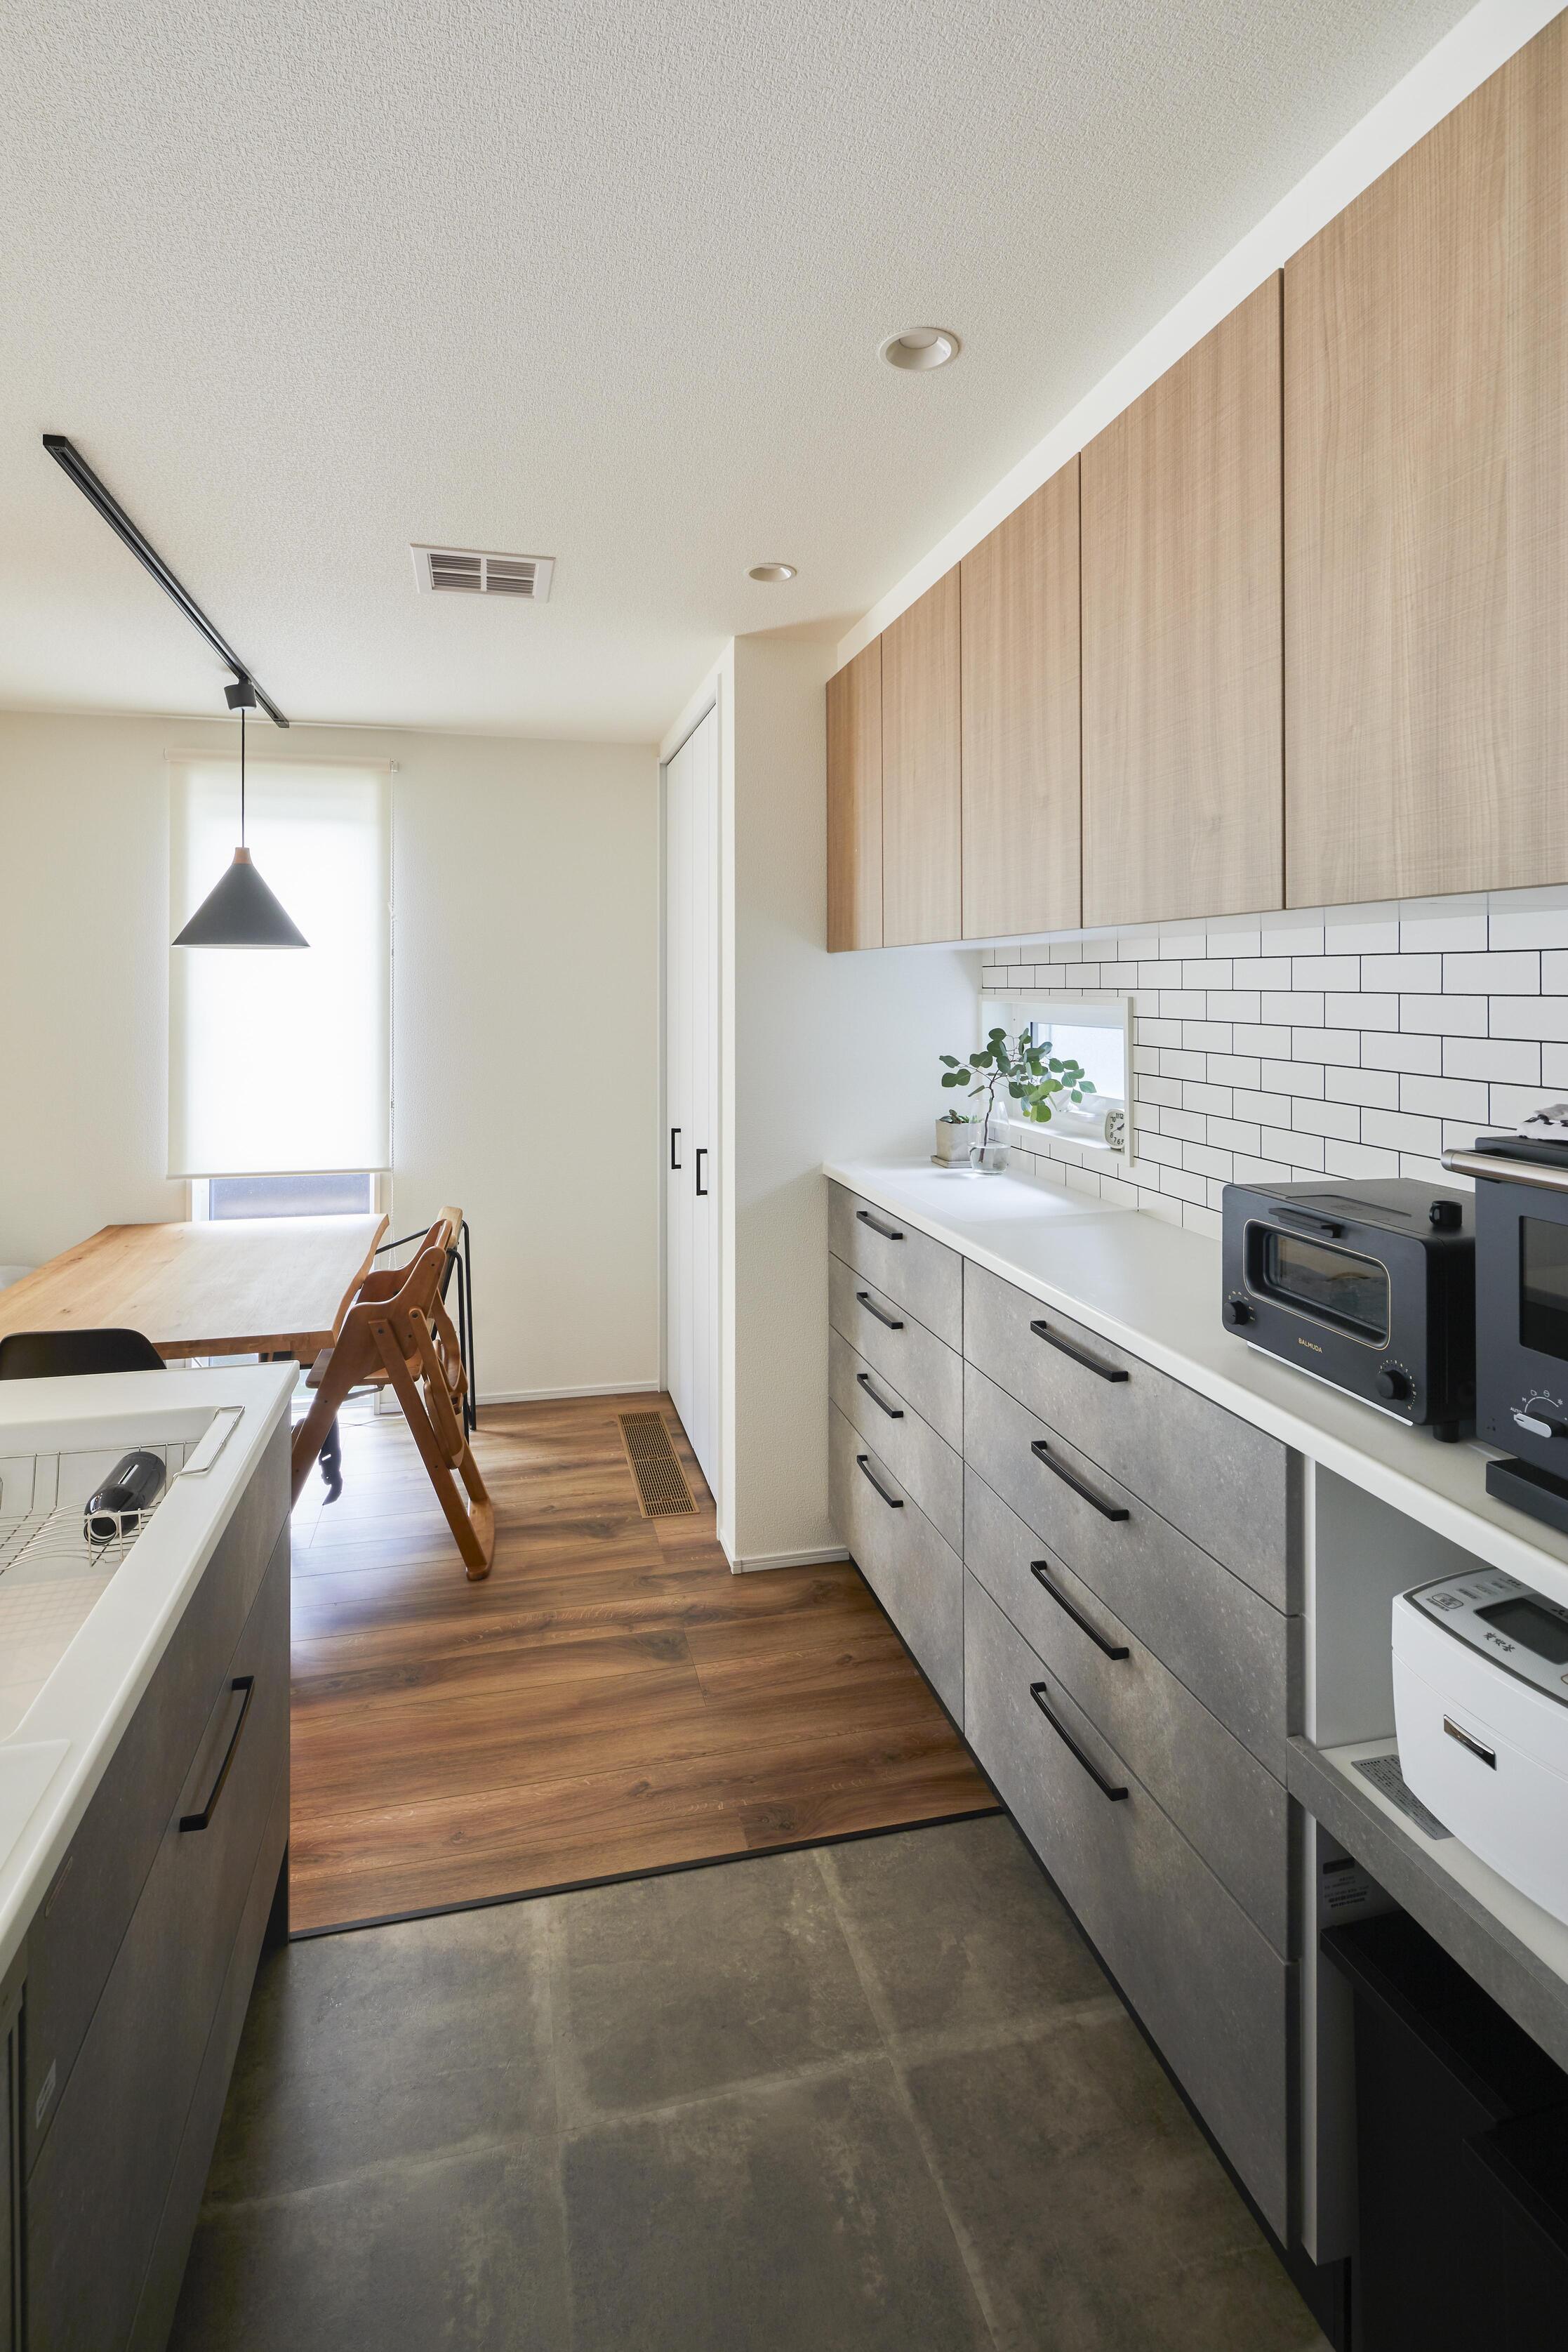 対面型のキッチンを採用。面材をコンクリート風に仕上げ、リビングのTVボード背面クロスと風合いを揃えた